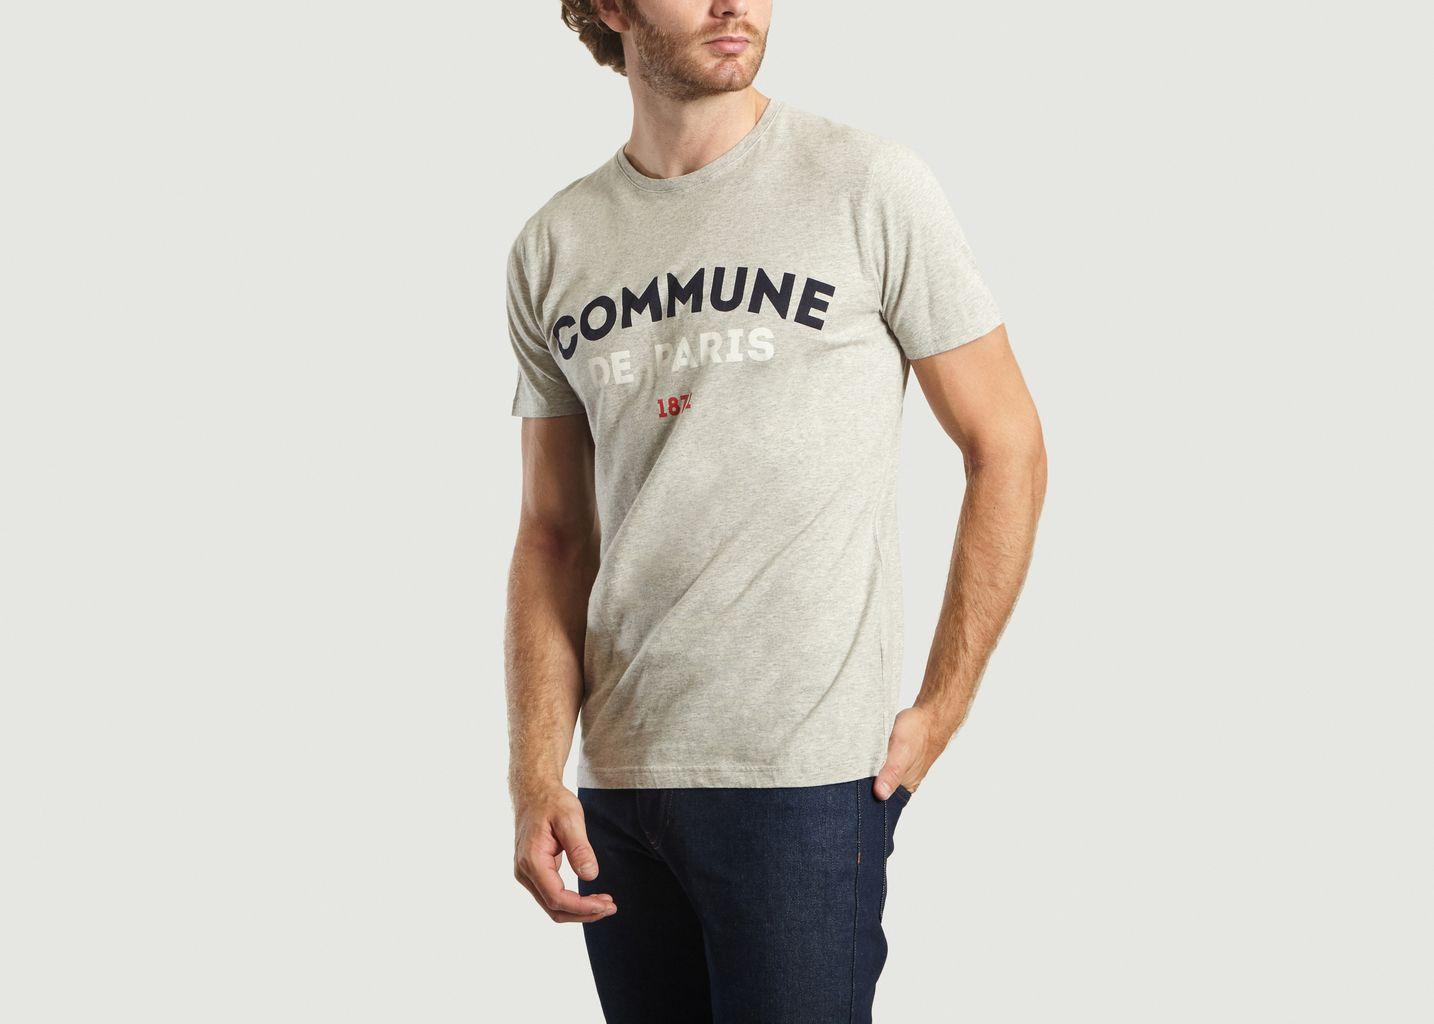 Ici T-shirt - Commune de Paris